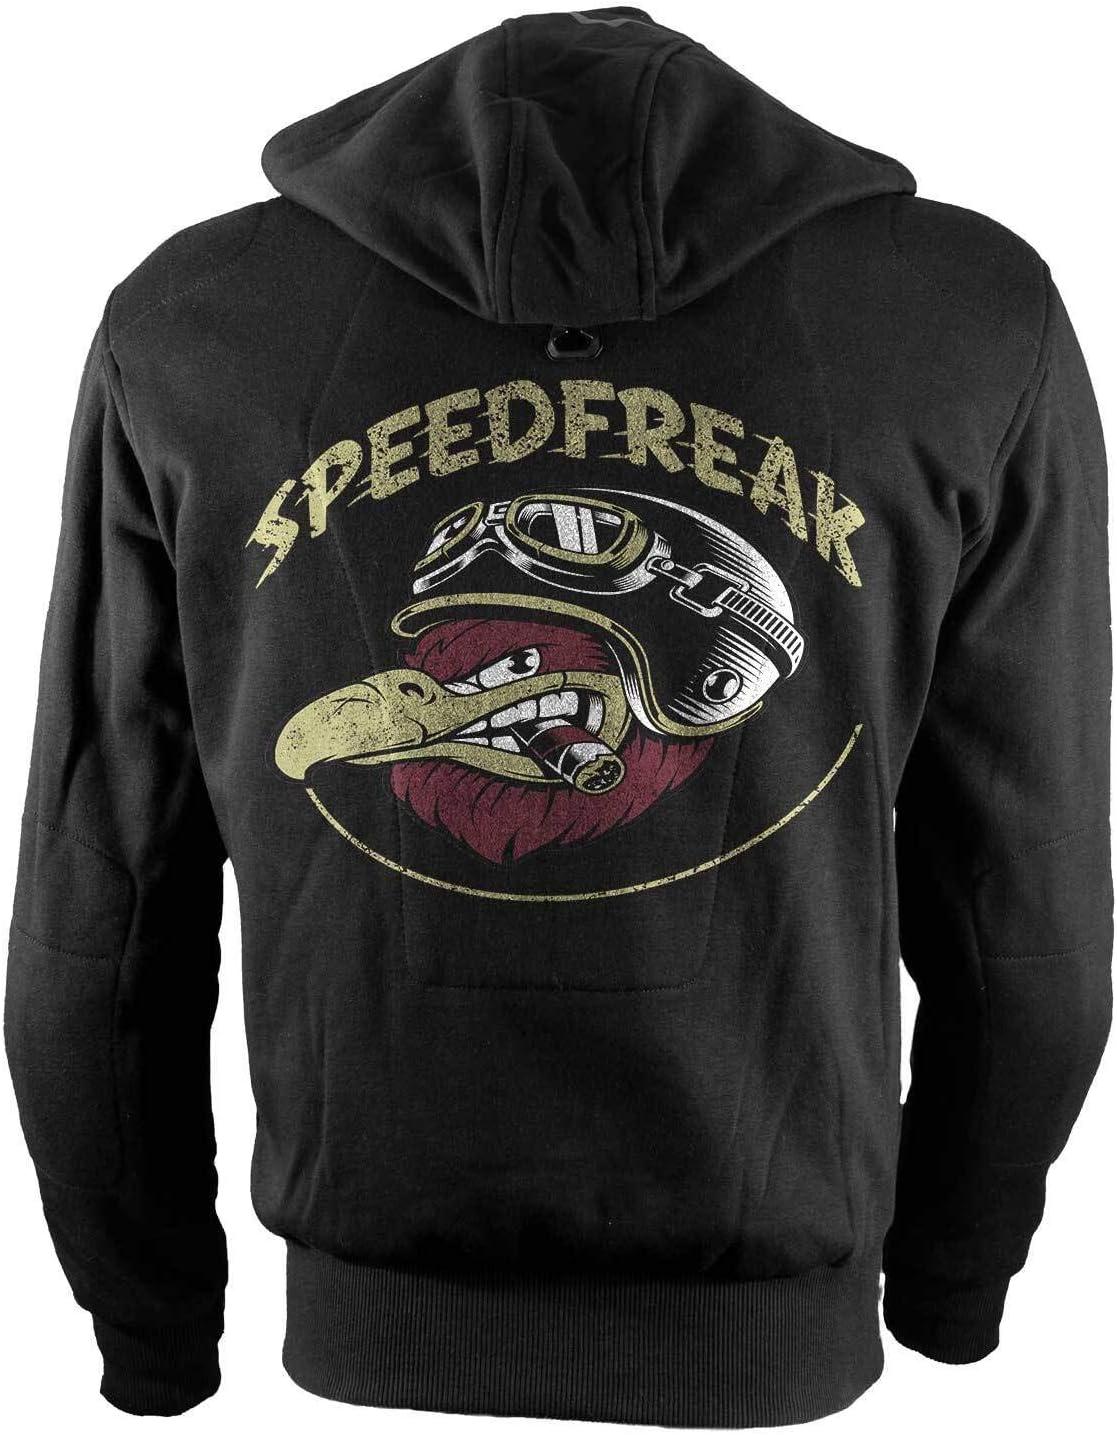 Rebel on Wheels Biker-Hoodie Motorrad-Hoodie Aramid Speedfreak Schwarz Kapuzen Jacke Motorrad S